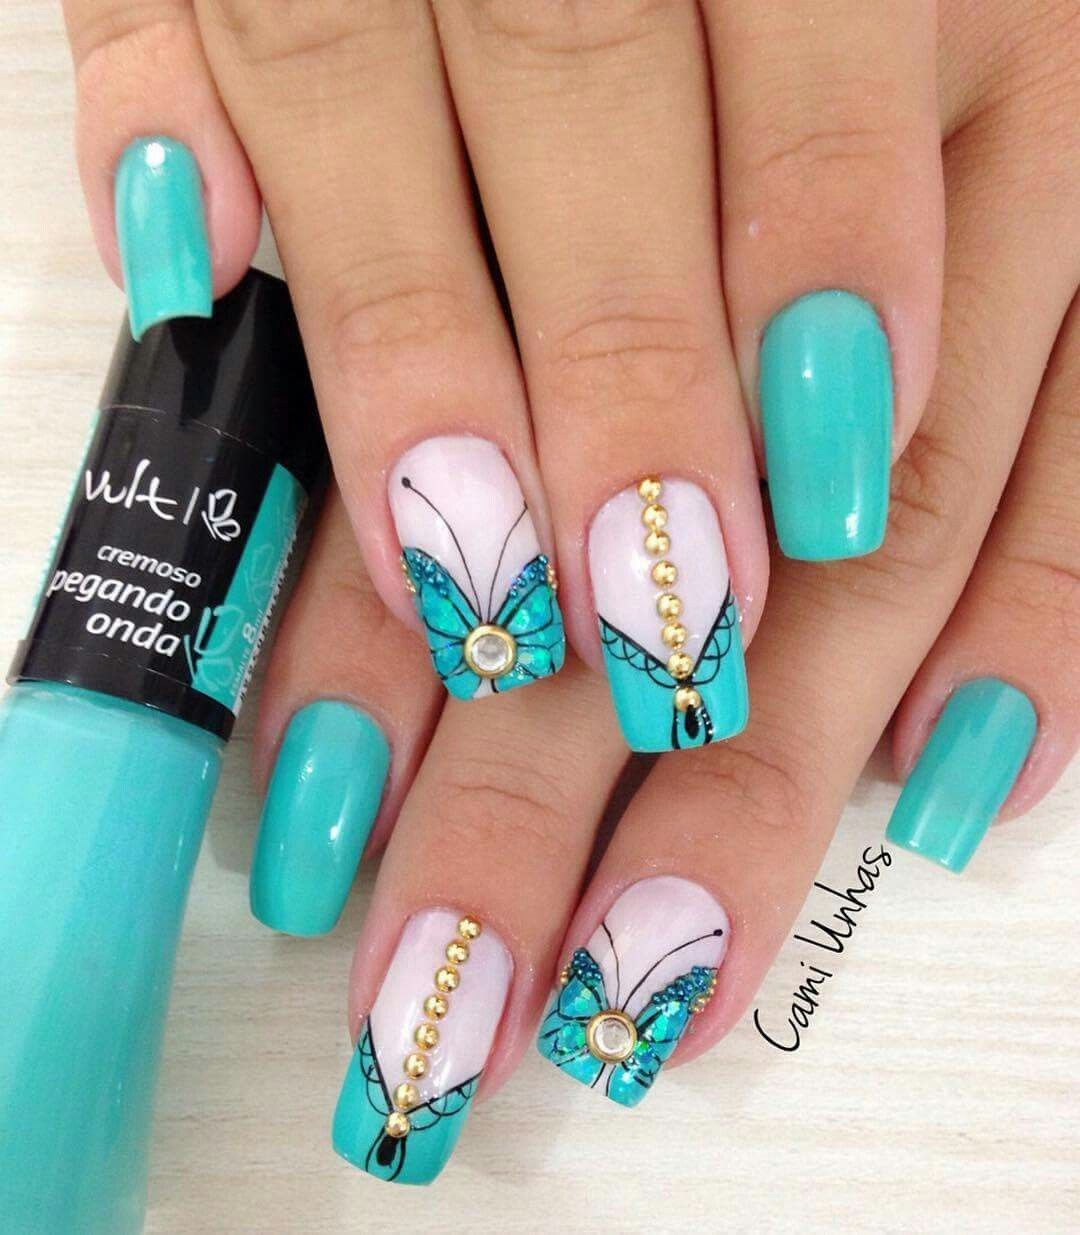 Pin de Sheila Motta en UNHAS | Pinterest | Diseños de uñas, Diseños ...